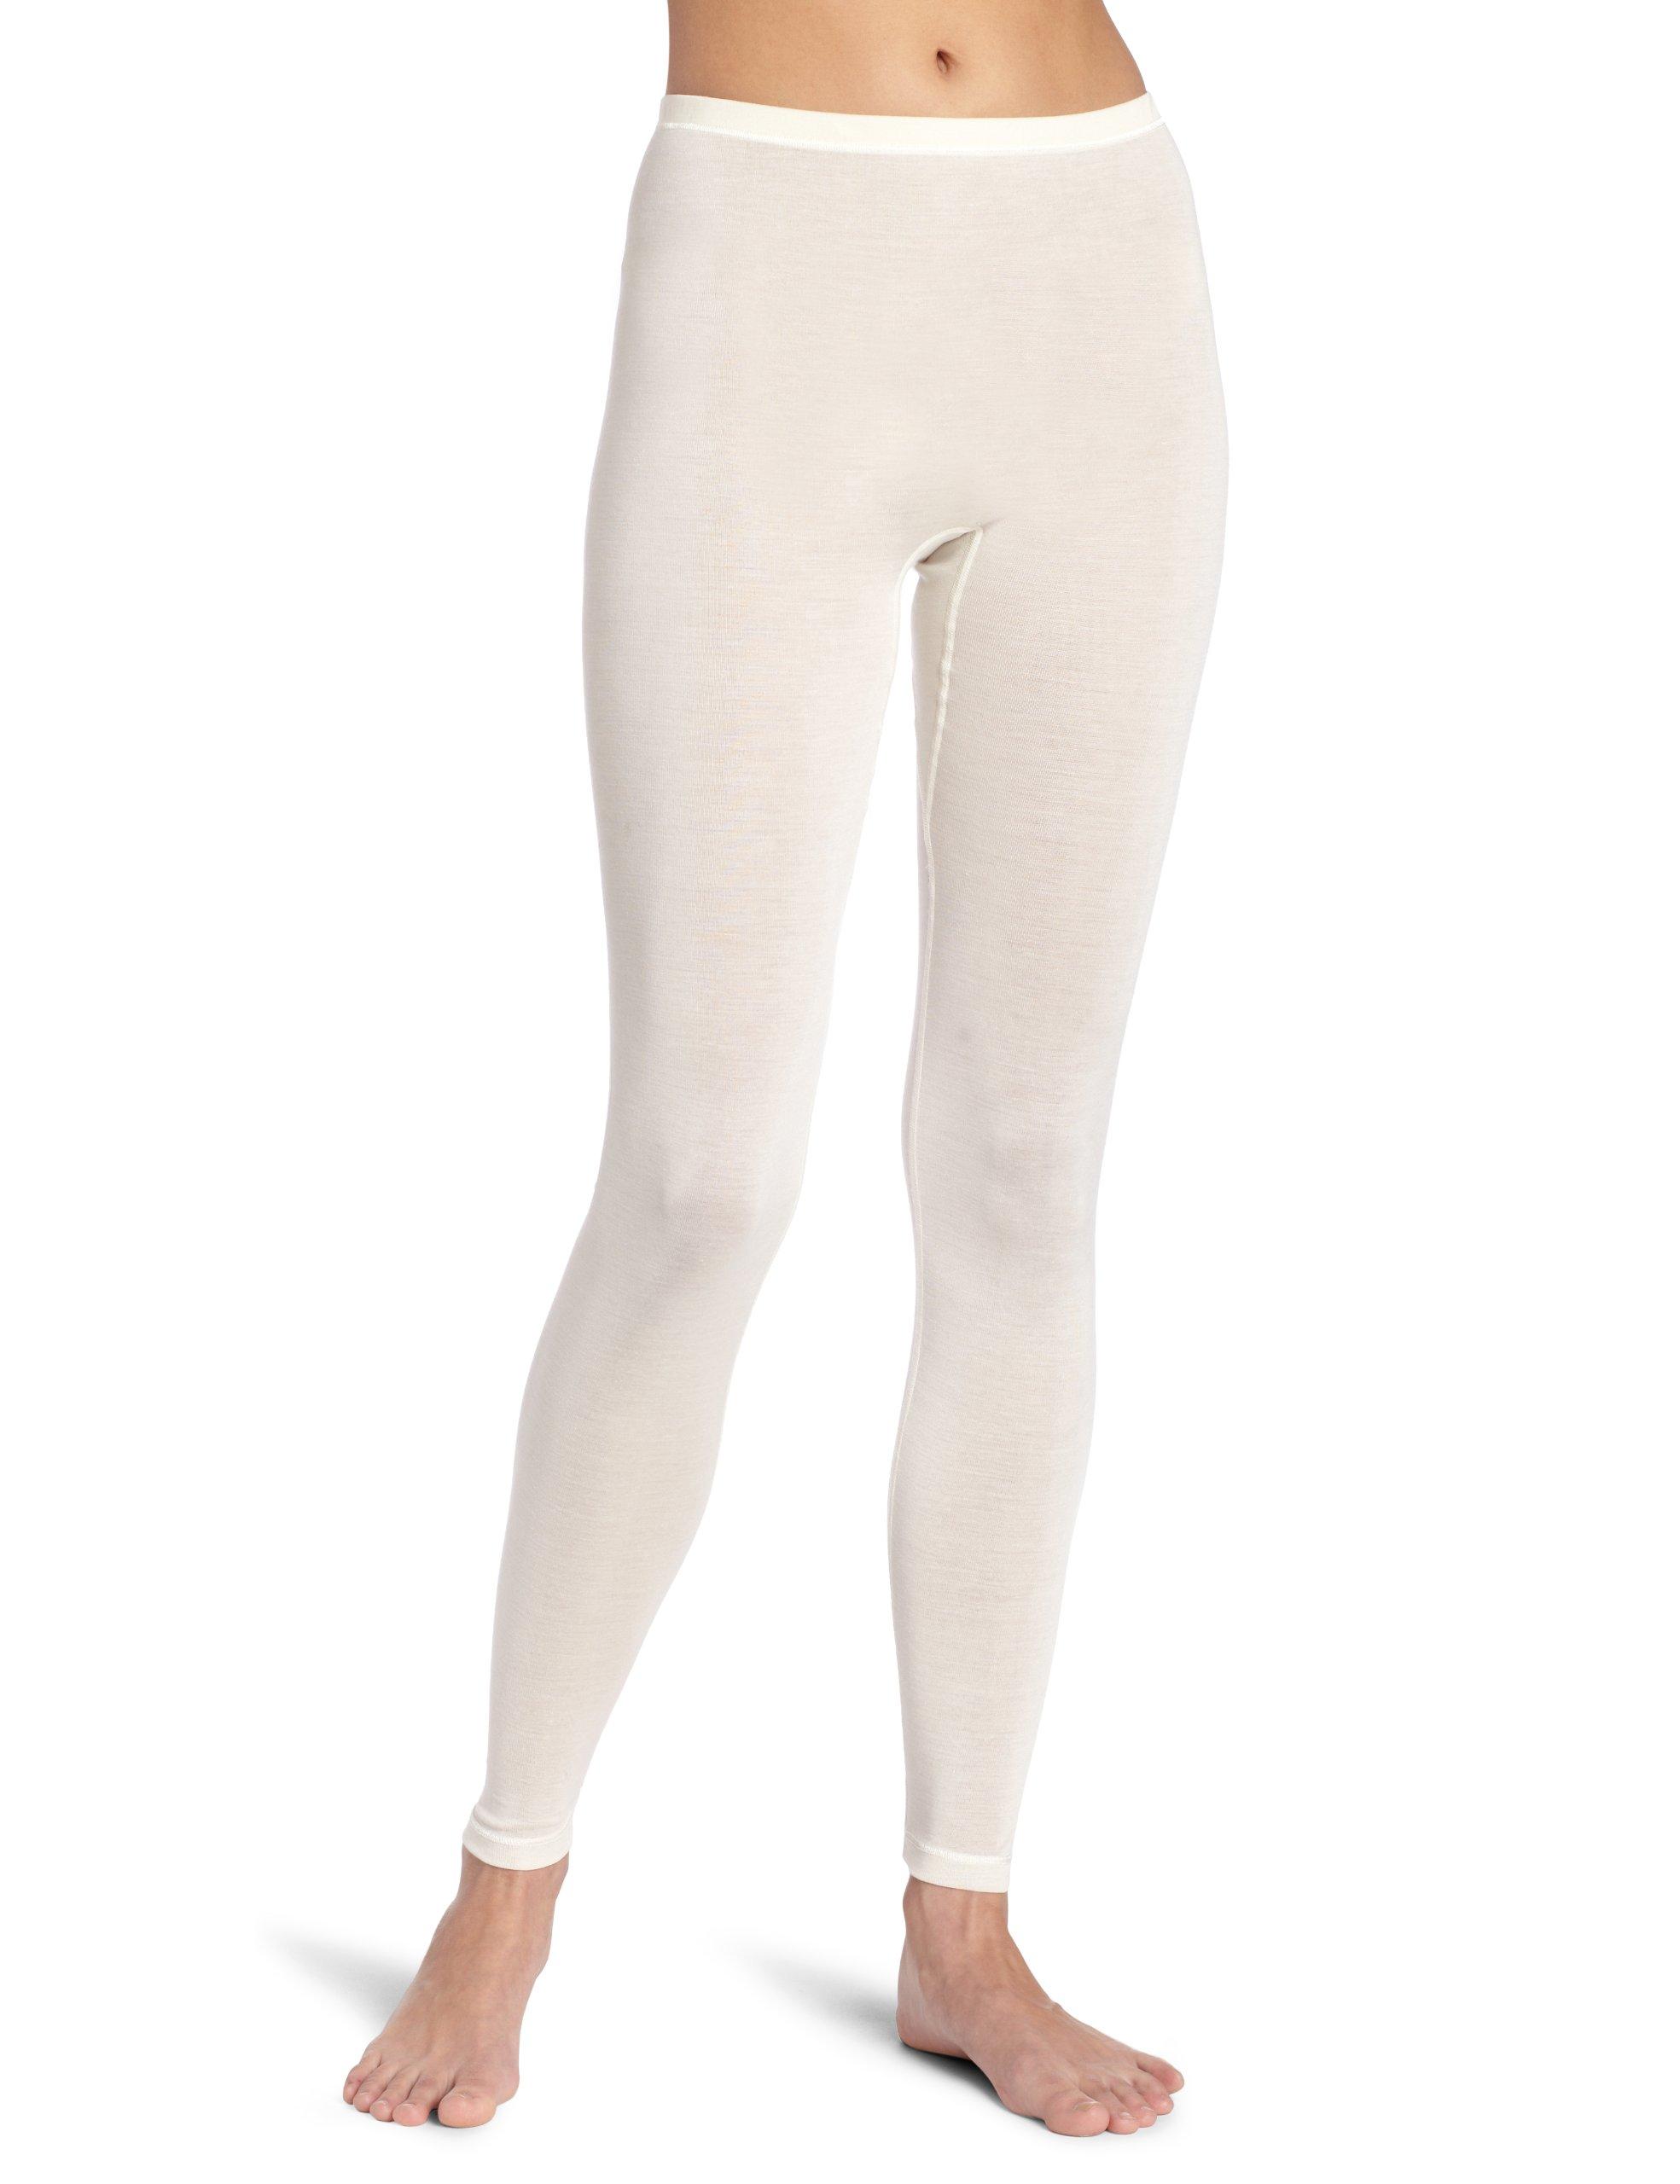 Hanro Women's Pure Silk Leggings, Pale Cream, X-Small